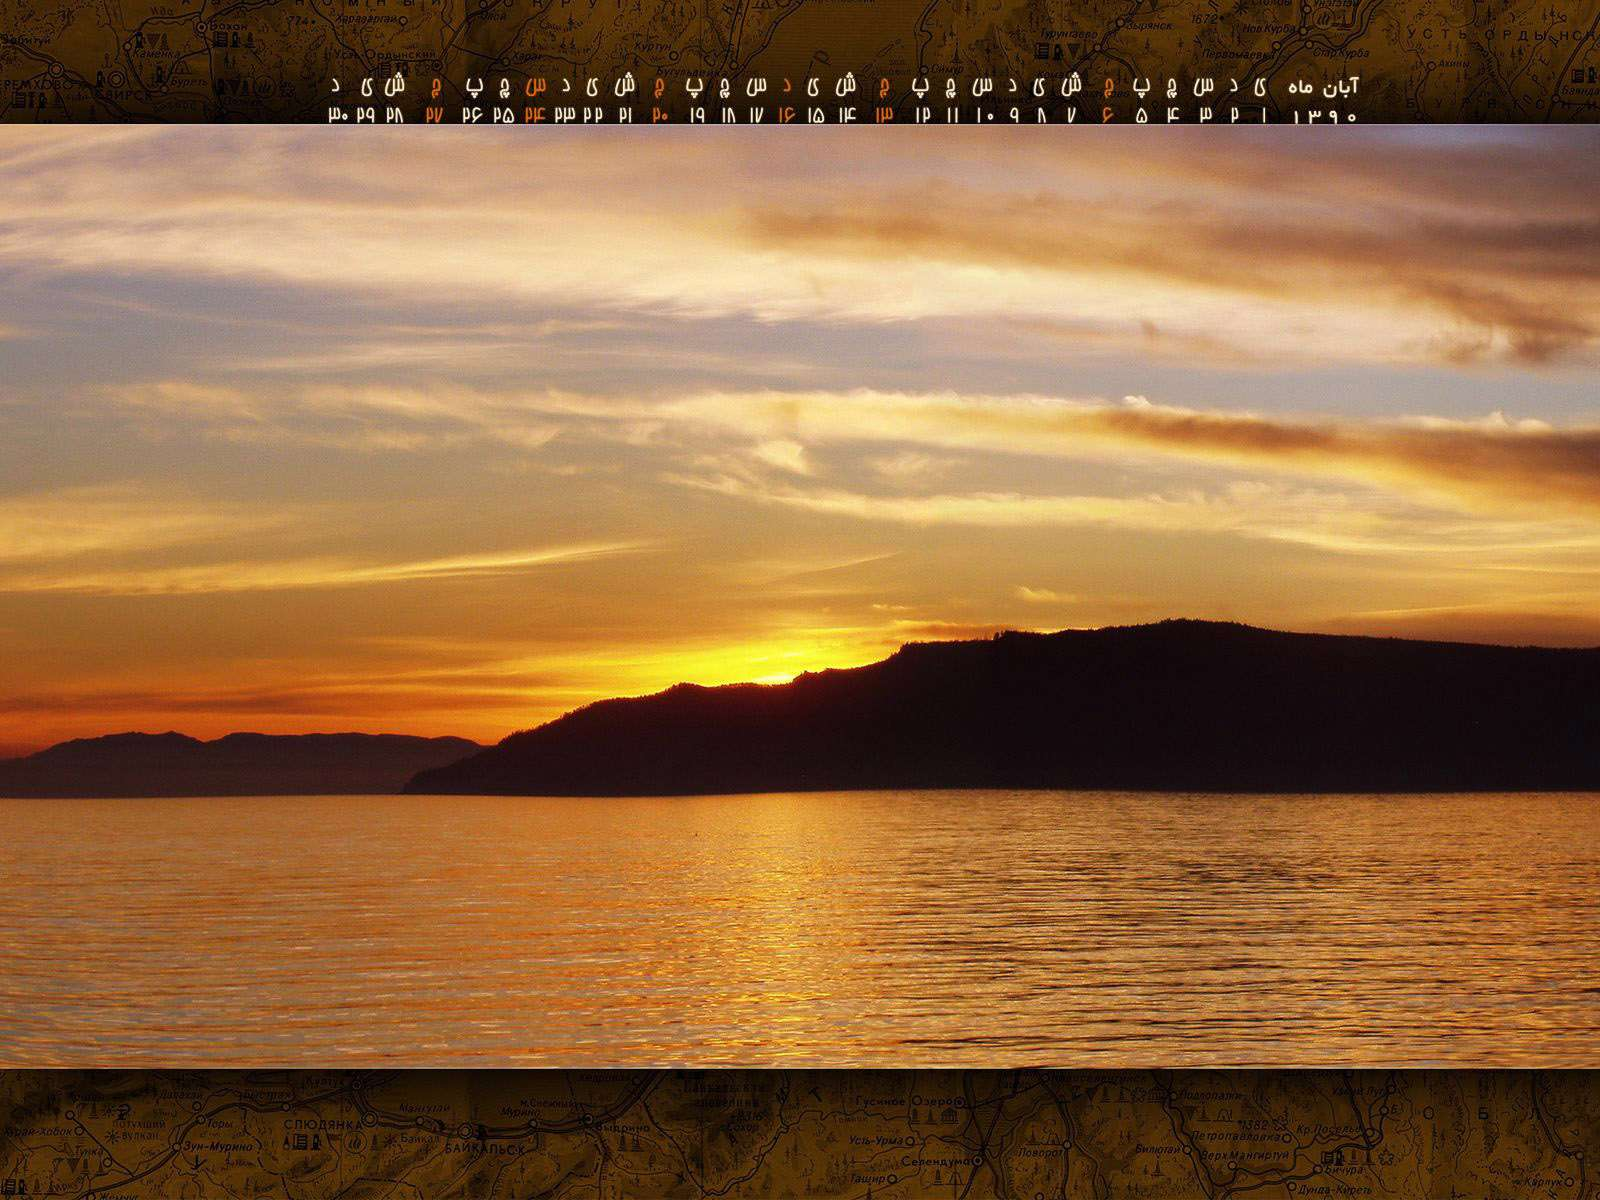 تم زیبا ویندوز سون تصاویر زیبای طبیعت، سری شصت و شش